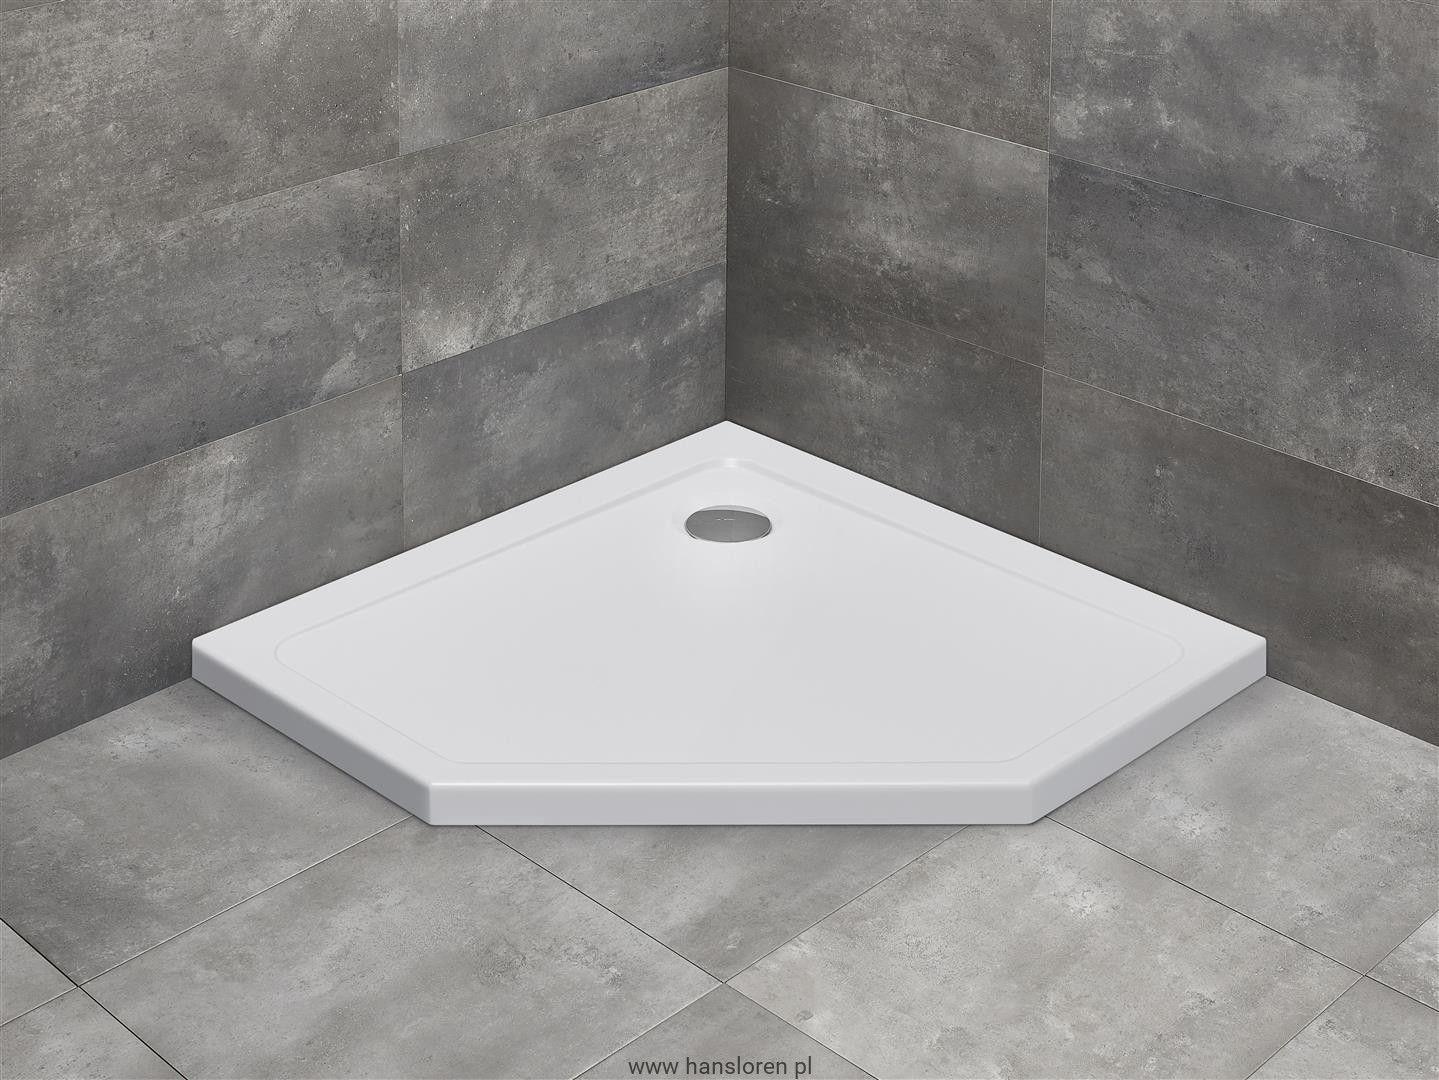 Doros Pt Radaway Brodzik Akrylowy Pieciokatny 900x900x50 Sdrpt9090 01 Bathroom Bathtub